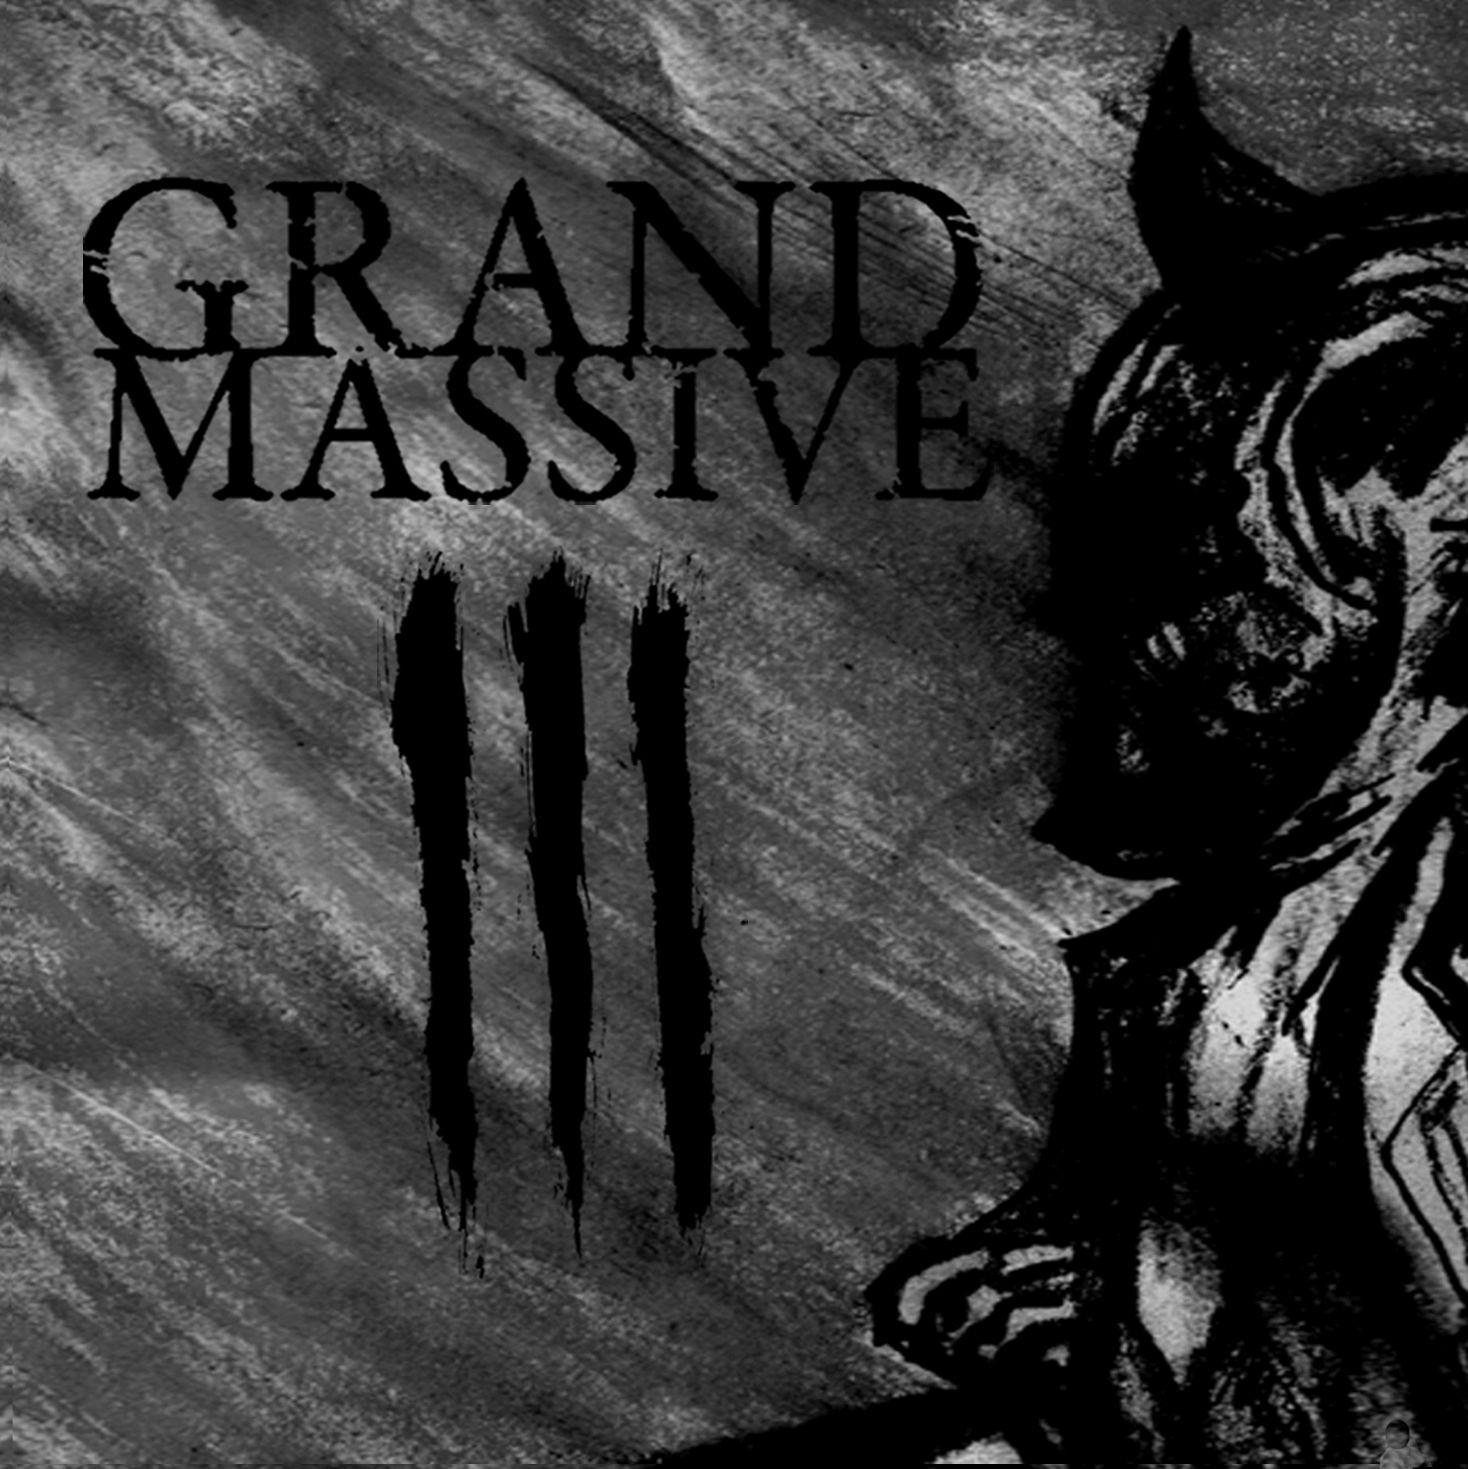 Grand Massive – III